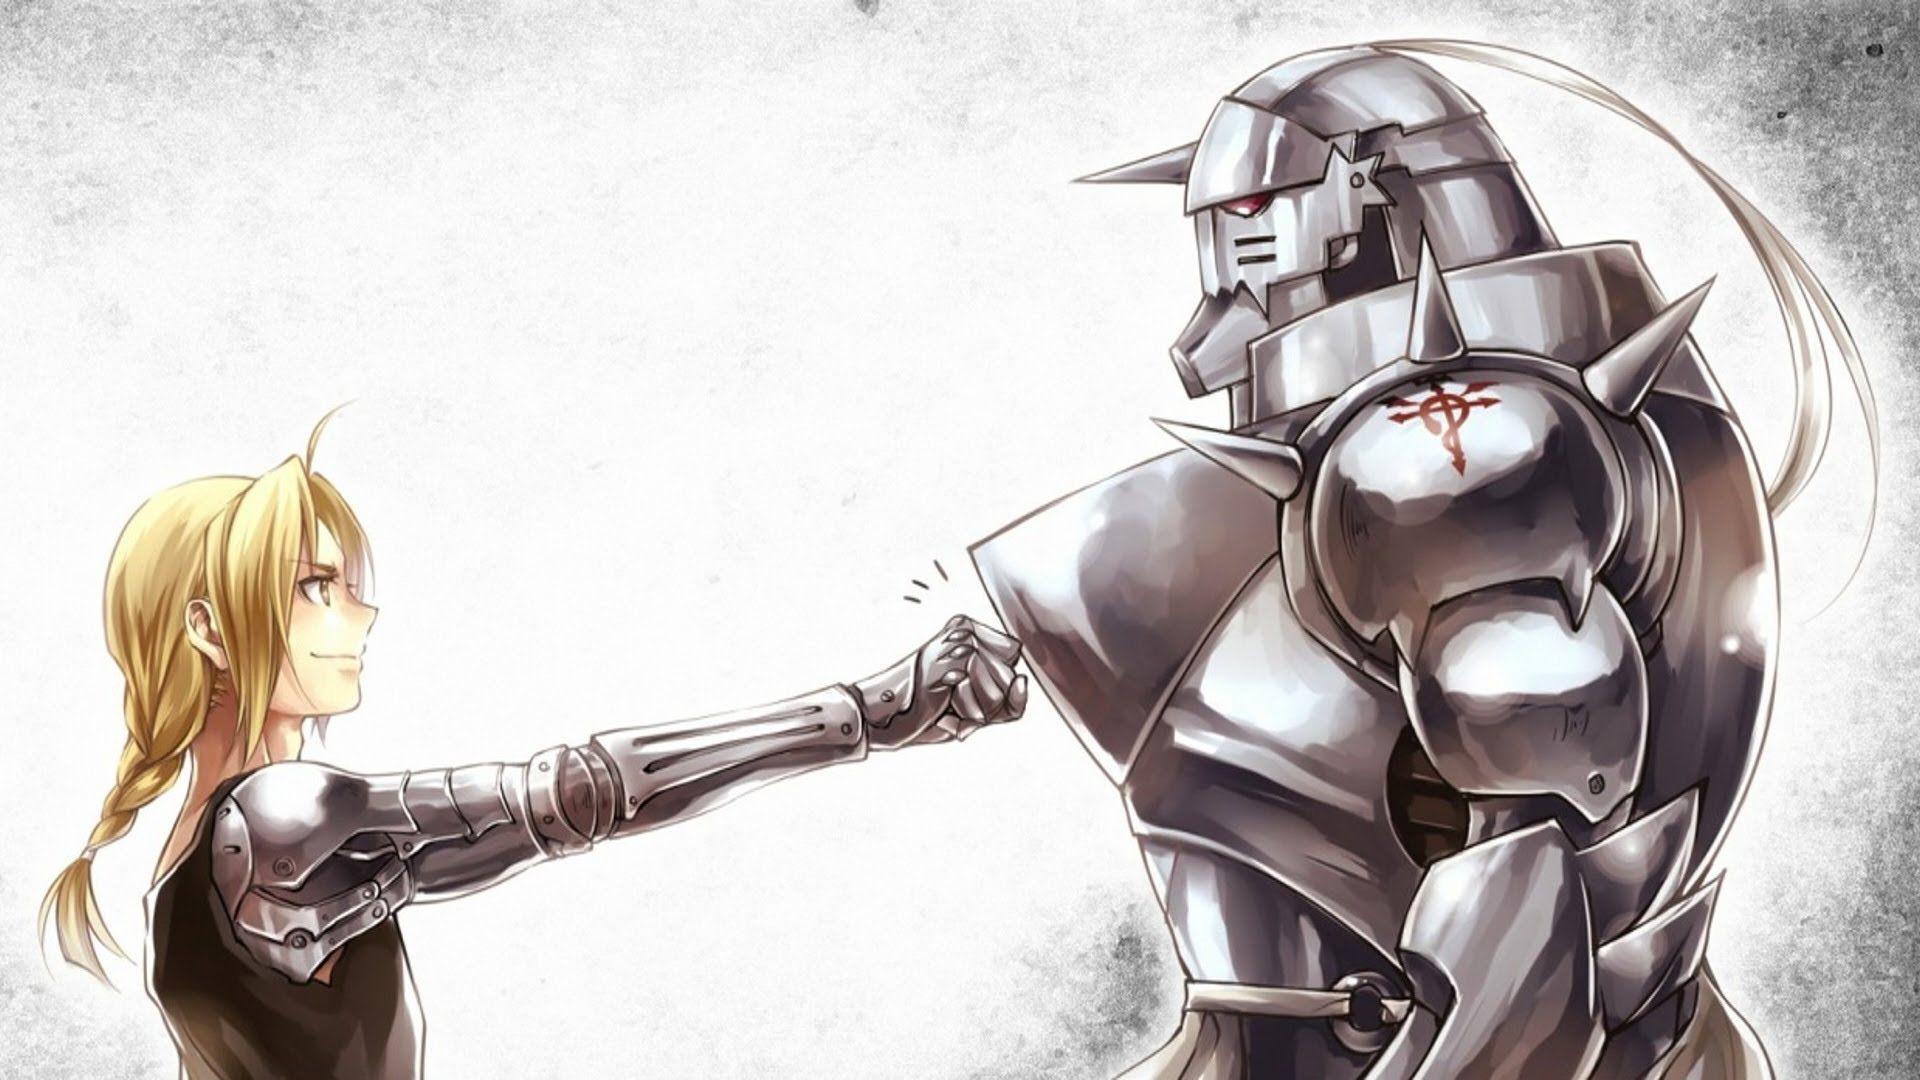 FMA Wallpaper - Fullmetal Alchemist: Brotherhood - Anime ...